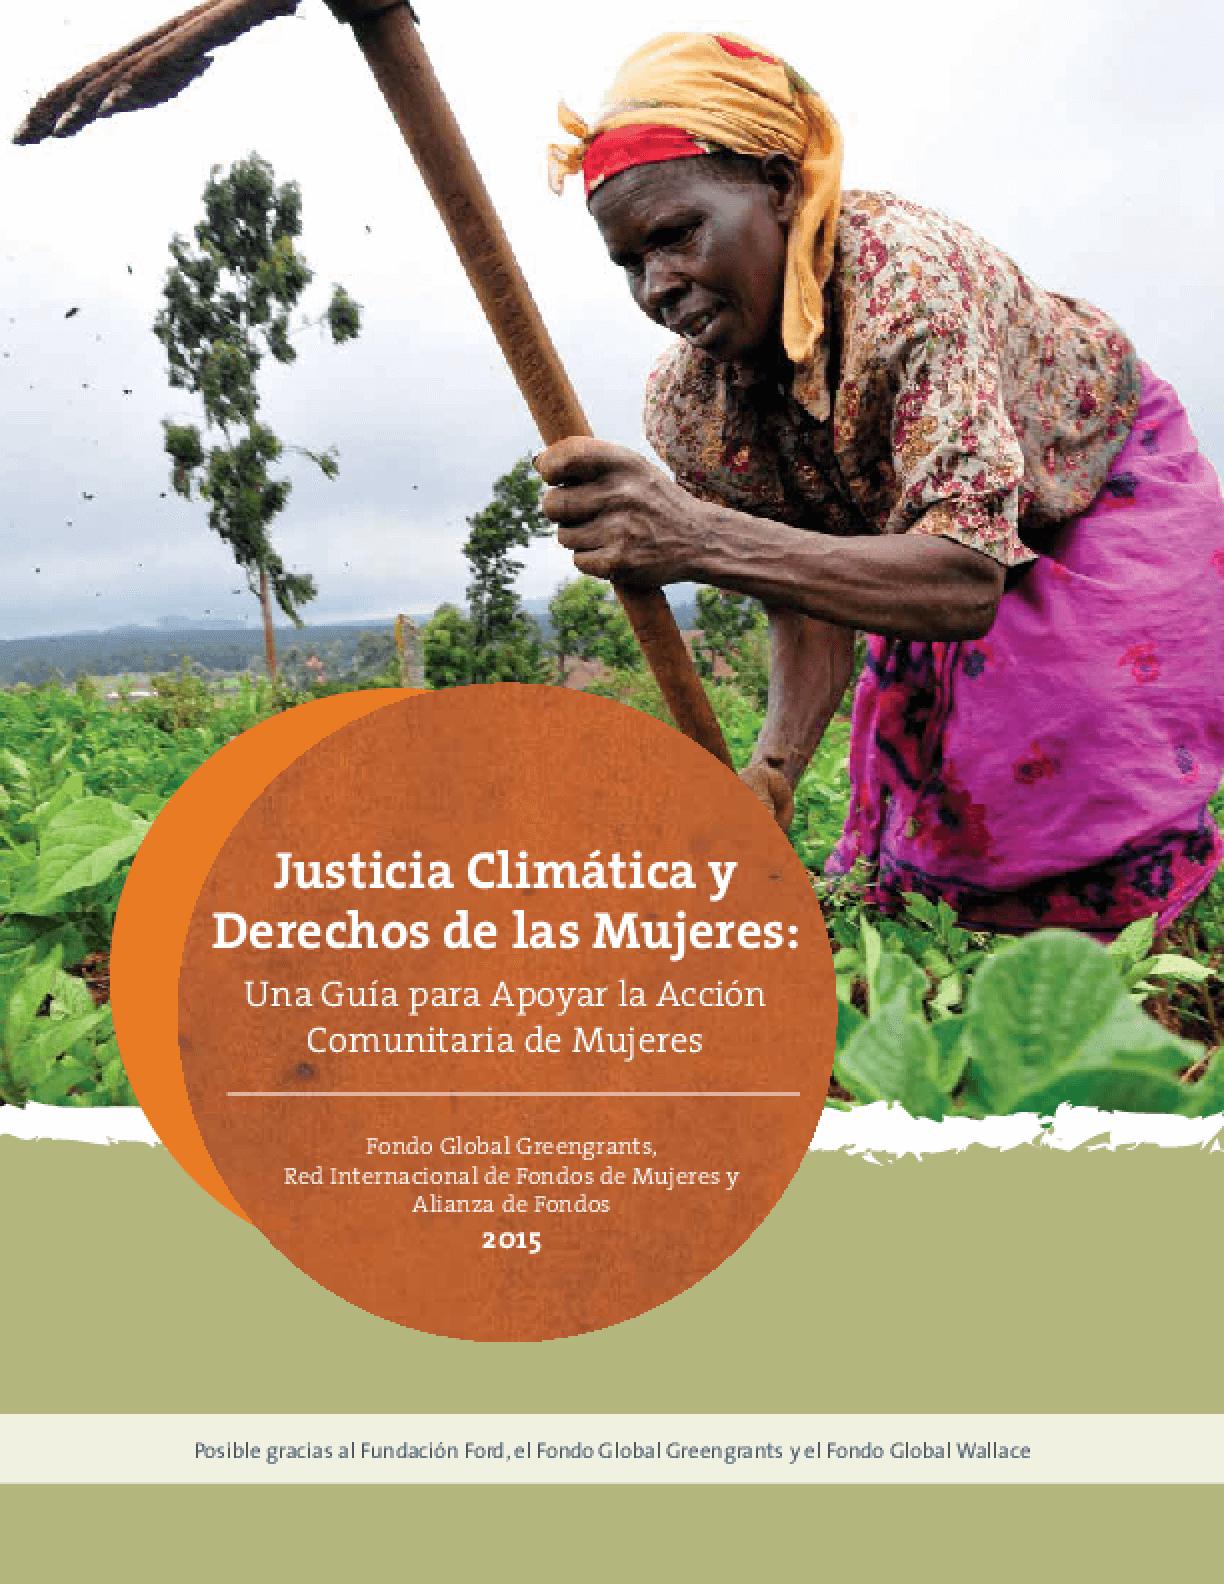 Justicia Climática y Derechos de las Mujeres: Una Guía para Apoyar la Acción Comunitaria de Mujeres